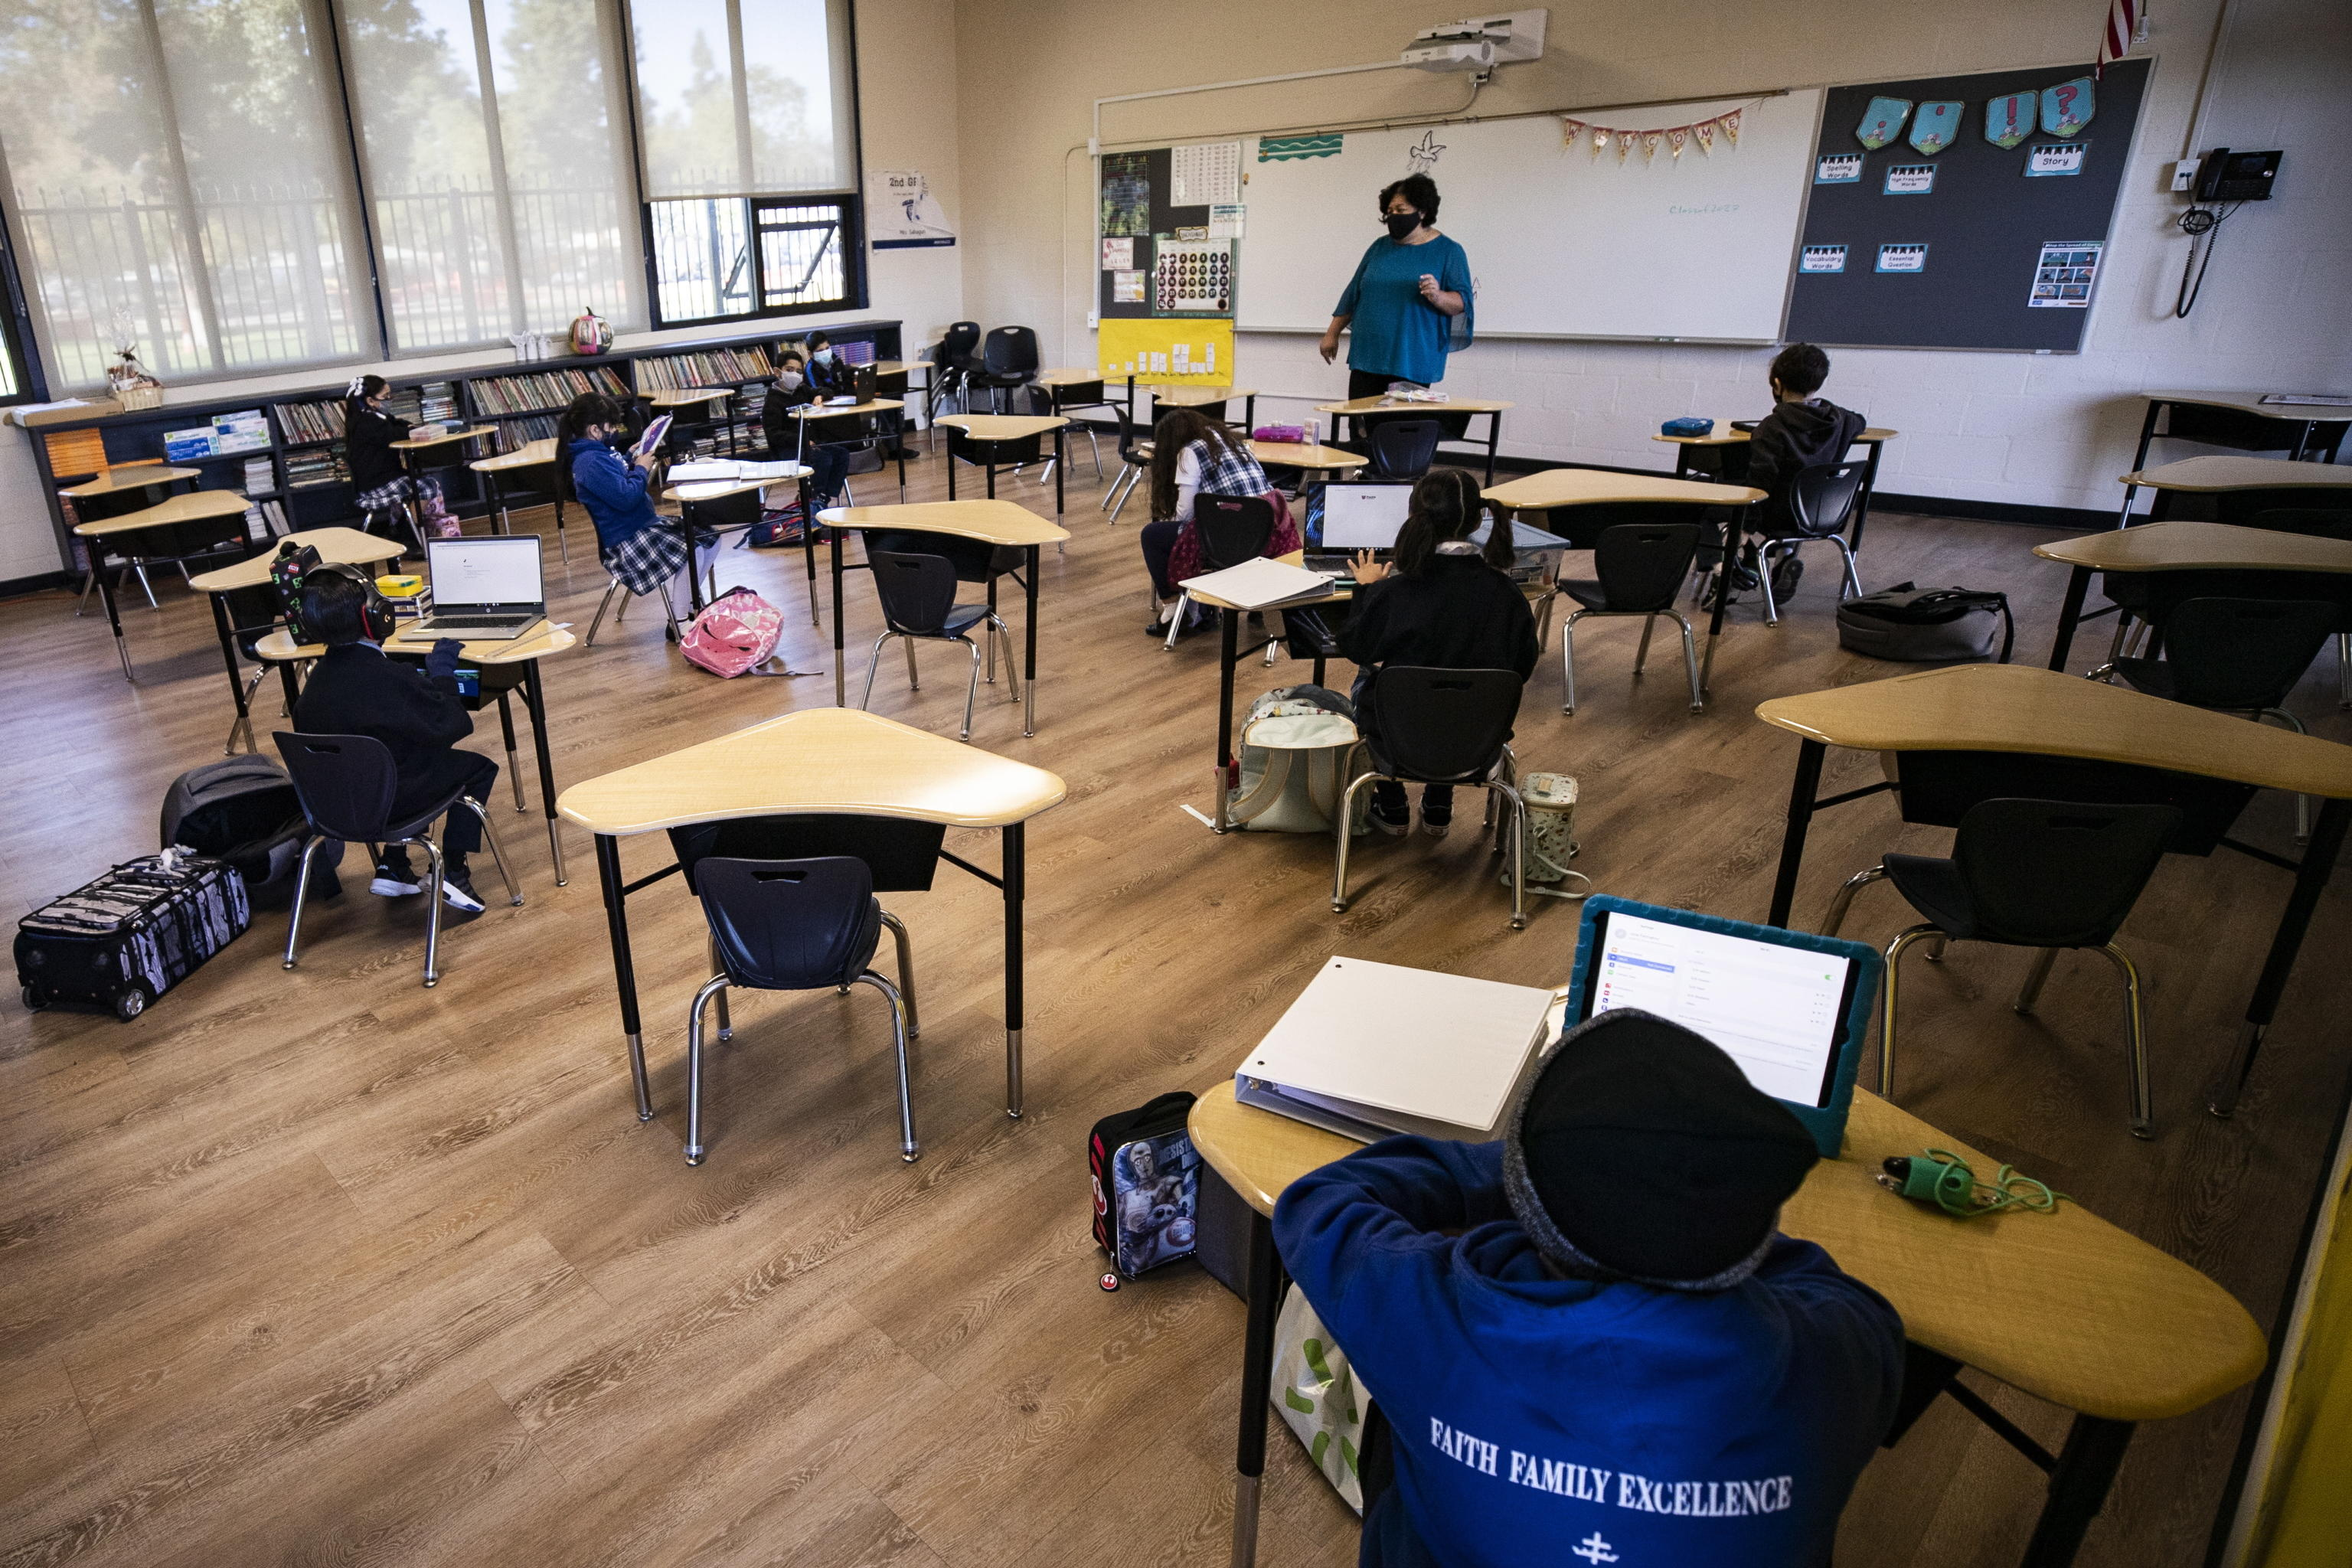 Coronavirus, gli esperti Usa: «Le scuole sono sicure con mascherine e distanziamento». Nel Regno Unito quarantena obbligatoria in hotel dai Paesi a rischio